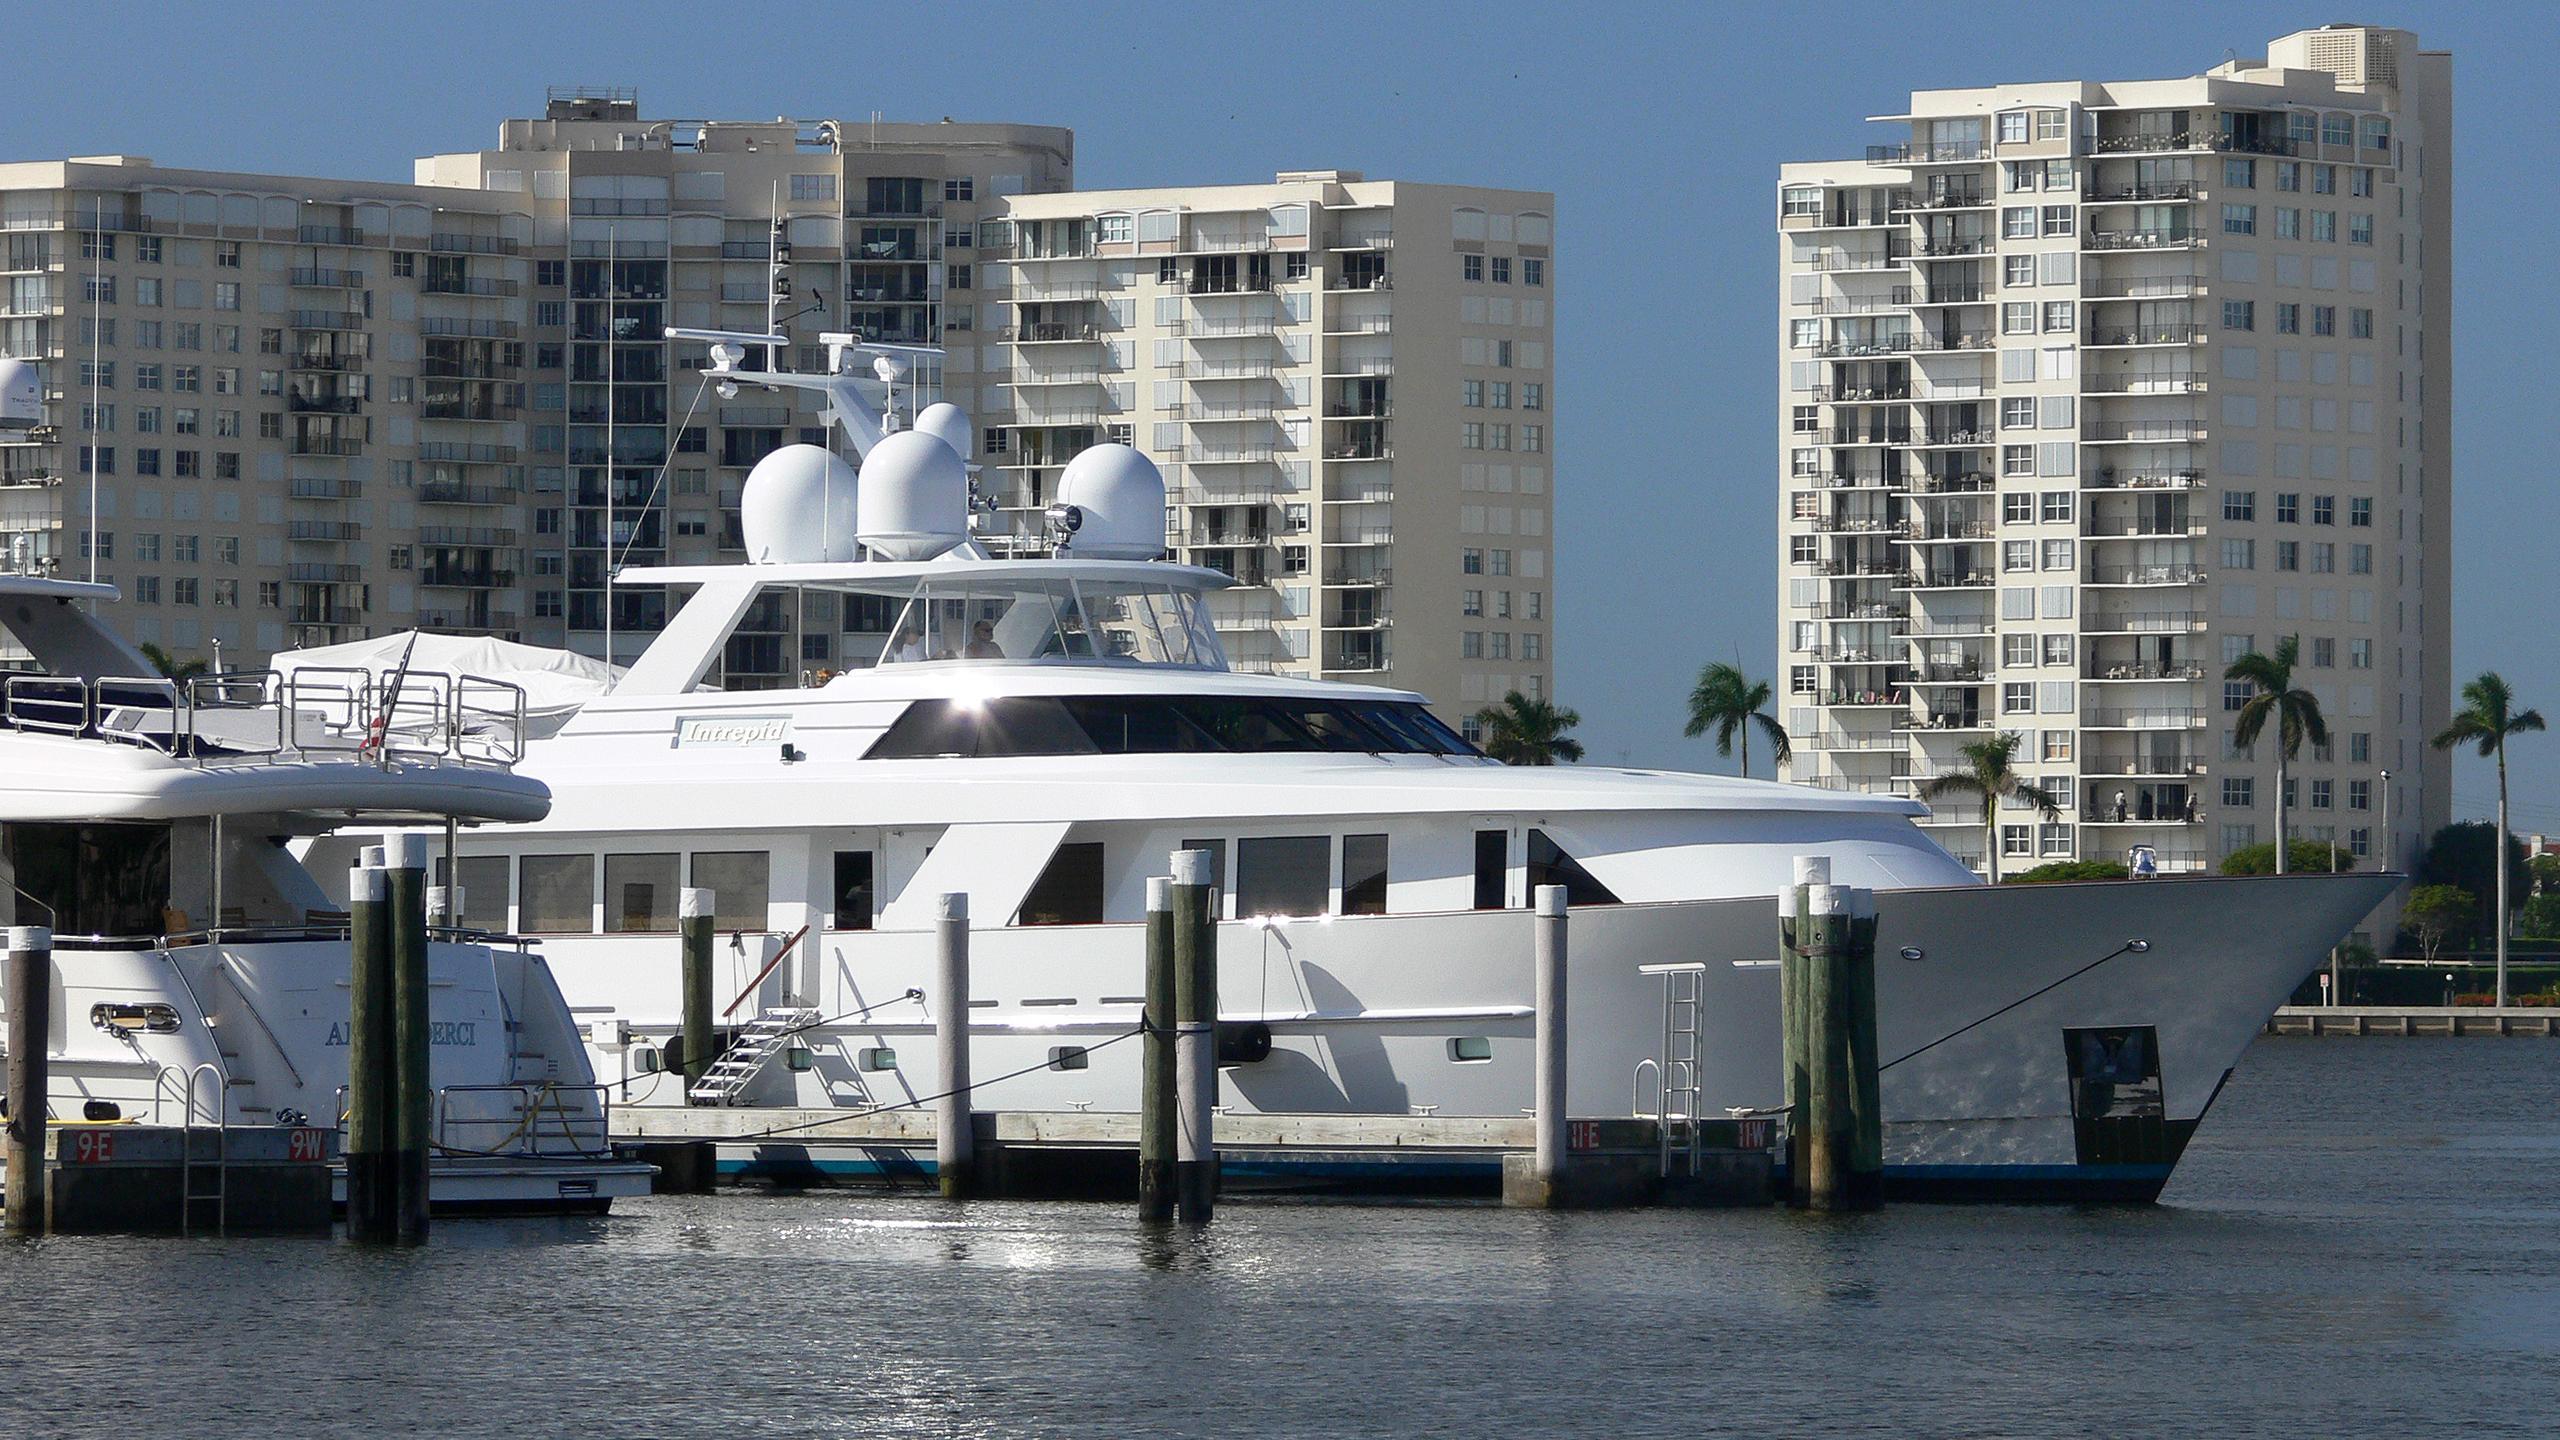 intrepid-motor-yacht-delta-110-1994-34m-berth